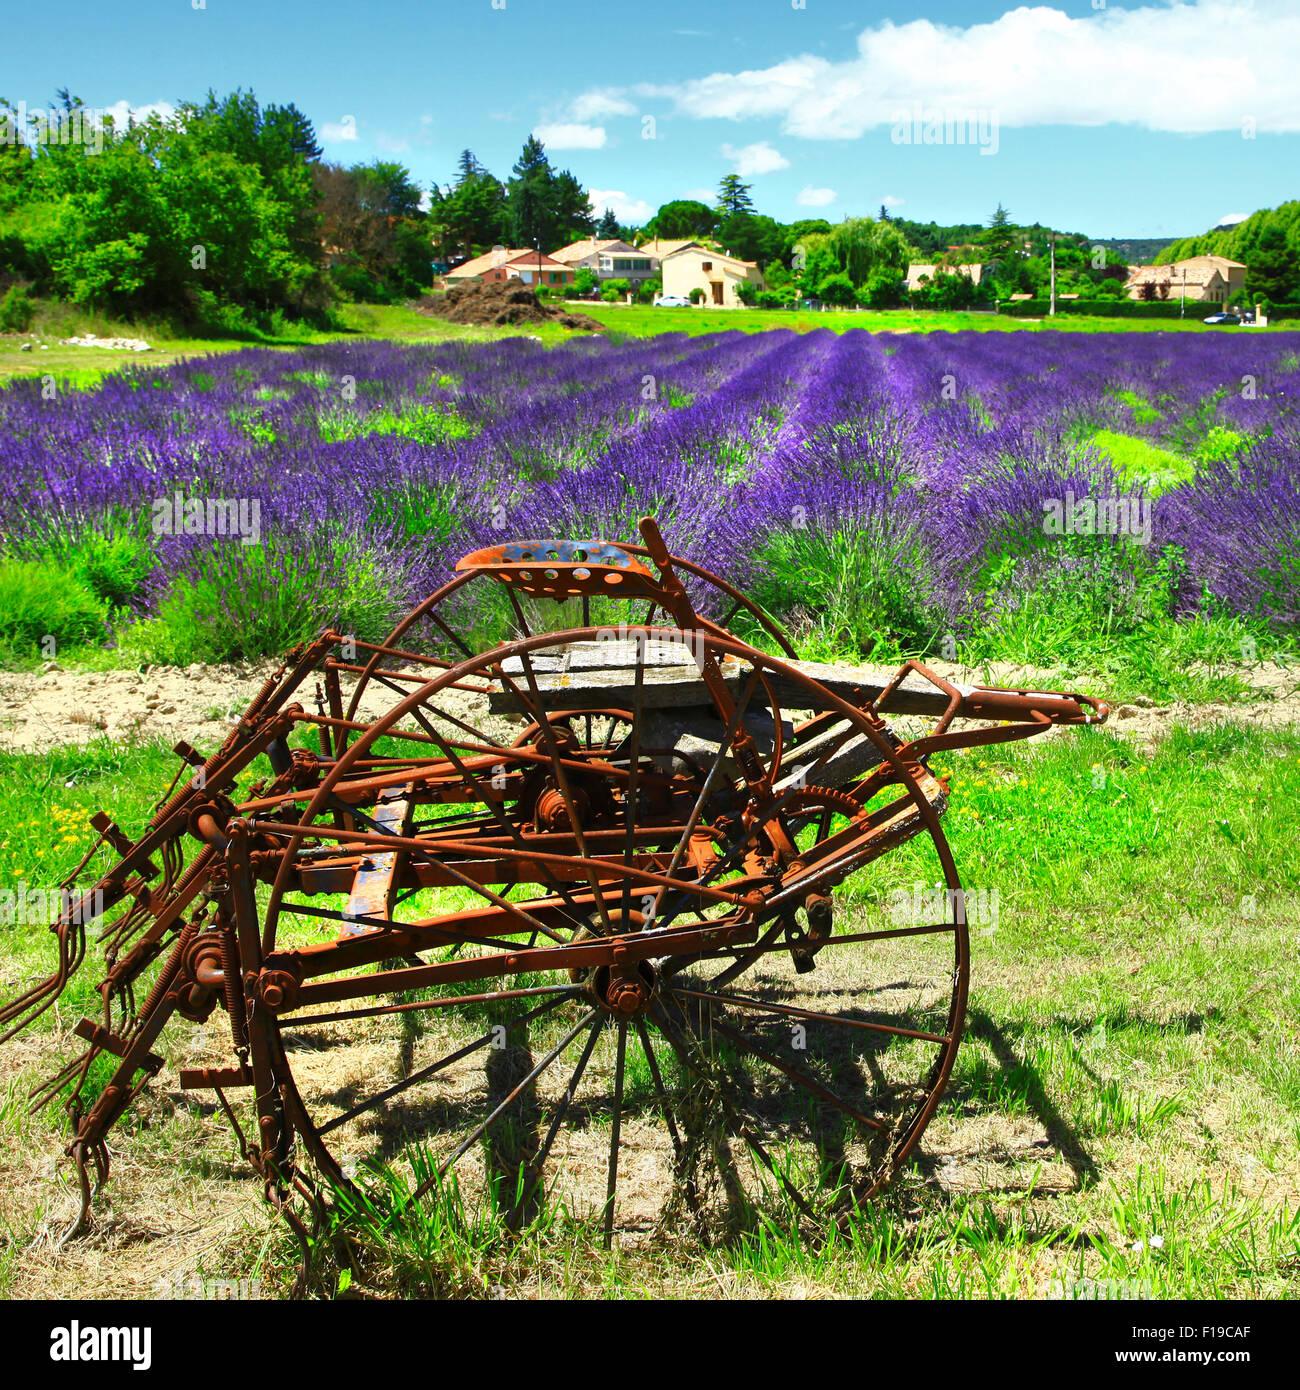 Blooming impresionante campo de lavanda,Valensole, Francia. Imagen De Stock